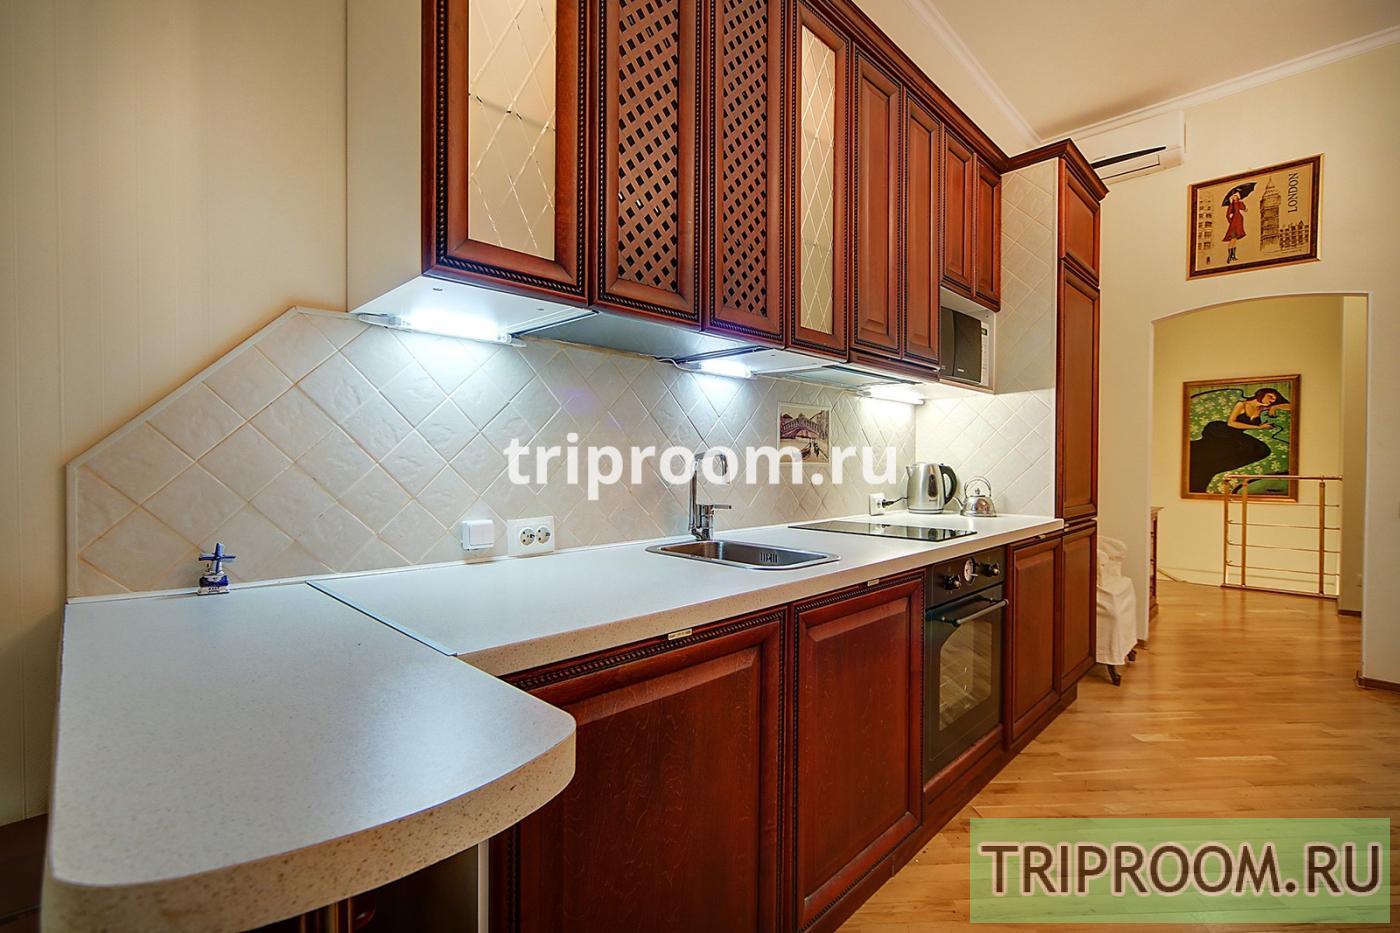 2-комнатная квартира посуточно (вариант № 15116), ул. Большая Конюшенная улица, фото № 5